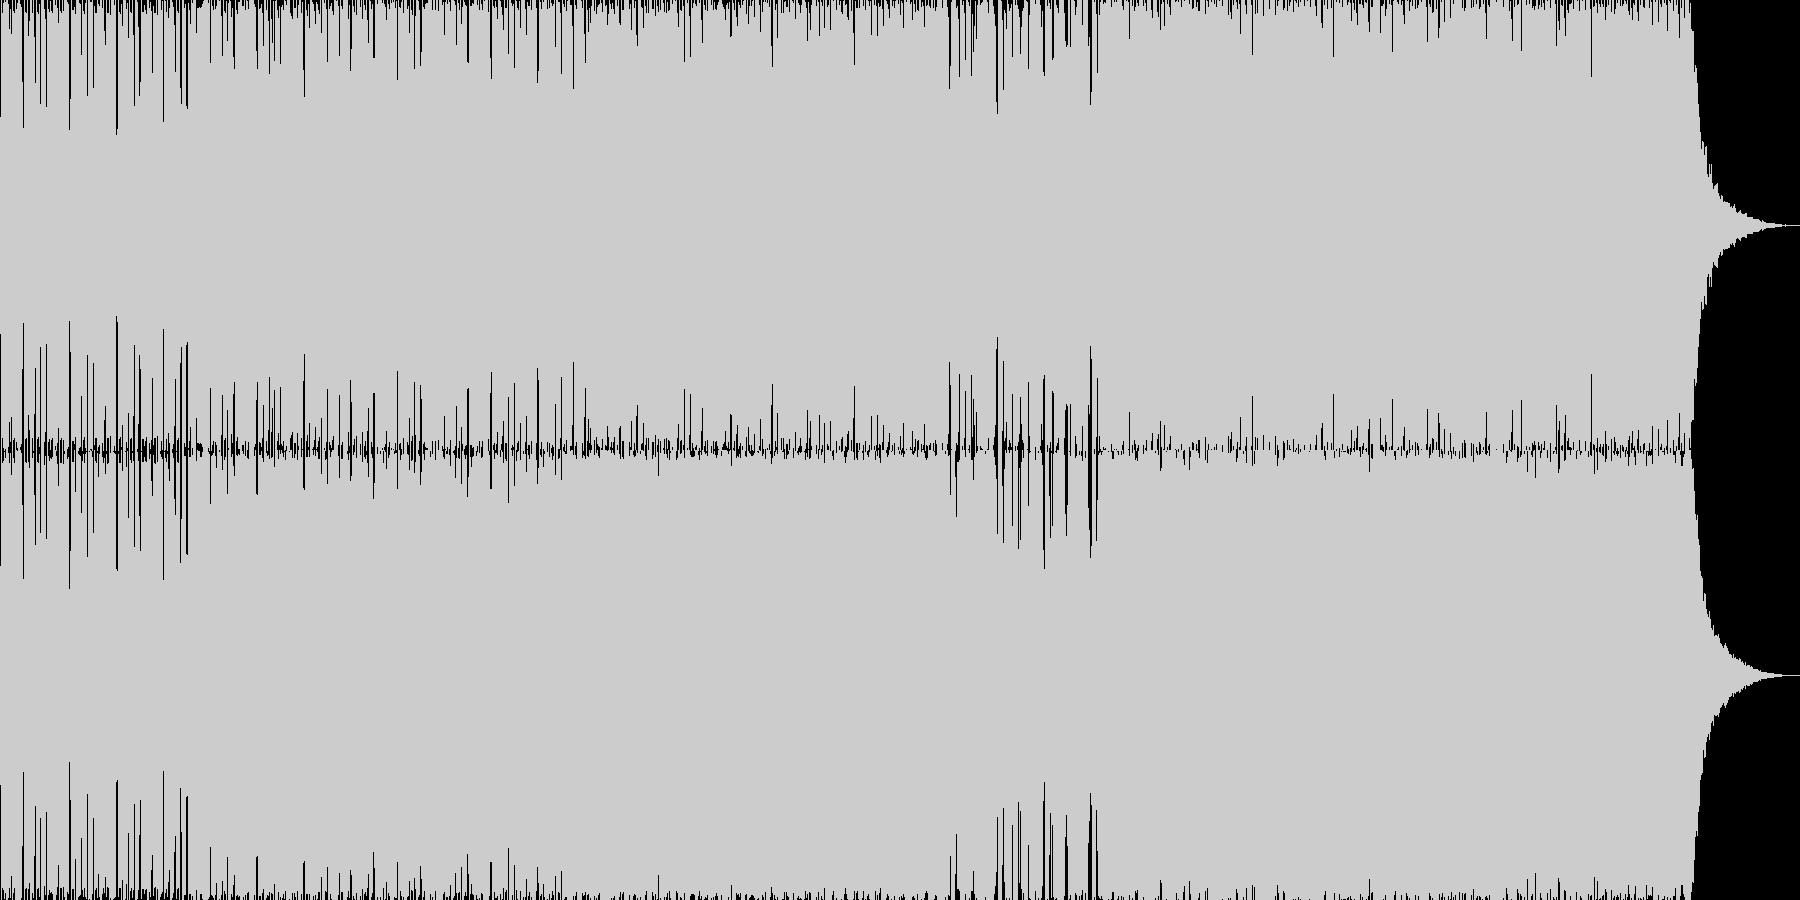 キャッチーでさわやかなエレクトロサウンドの未再生の波形